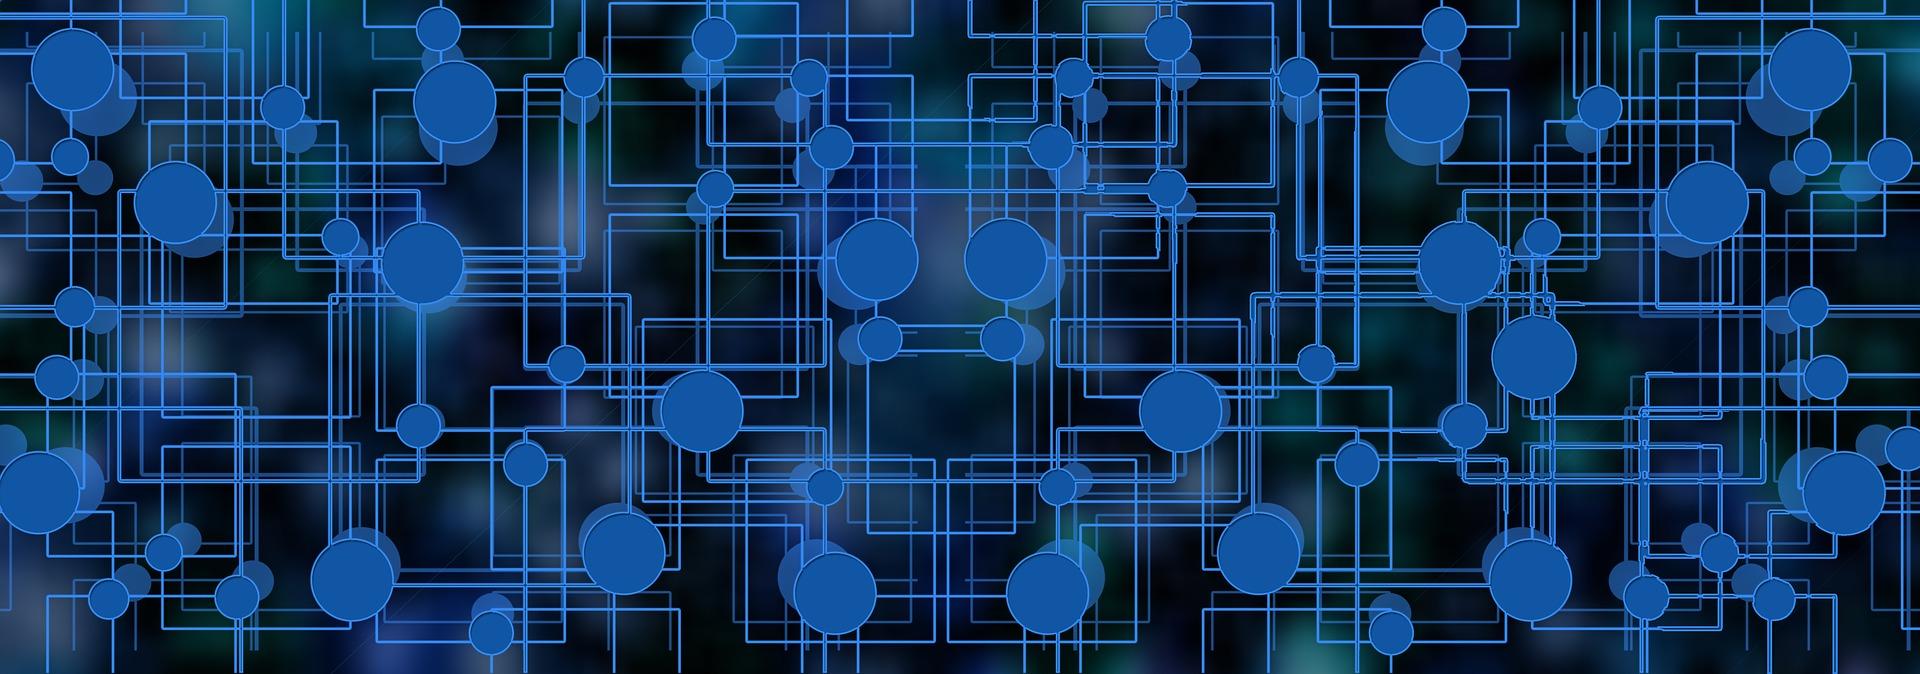 ERP bedrijfssoftware | ERP business software